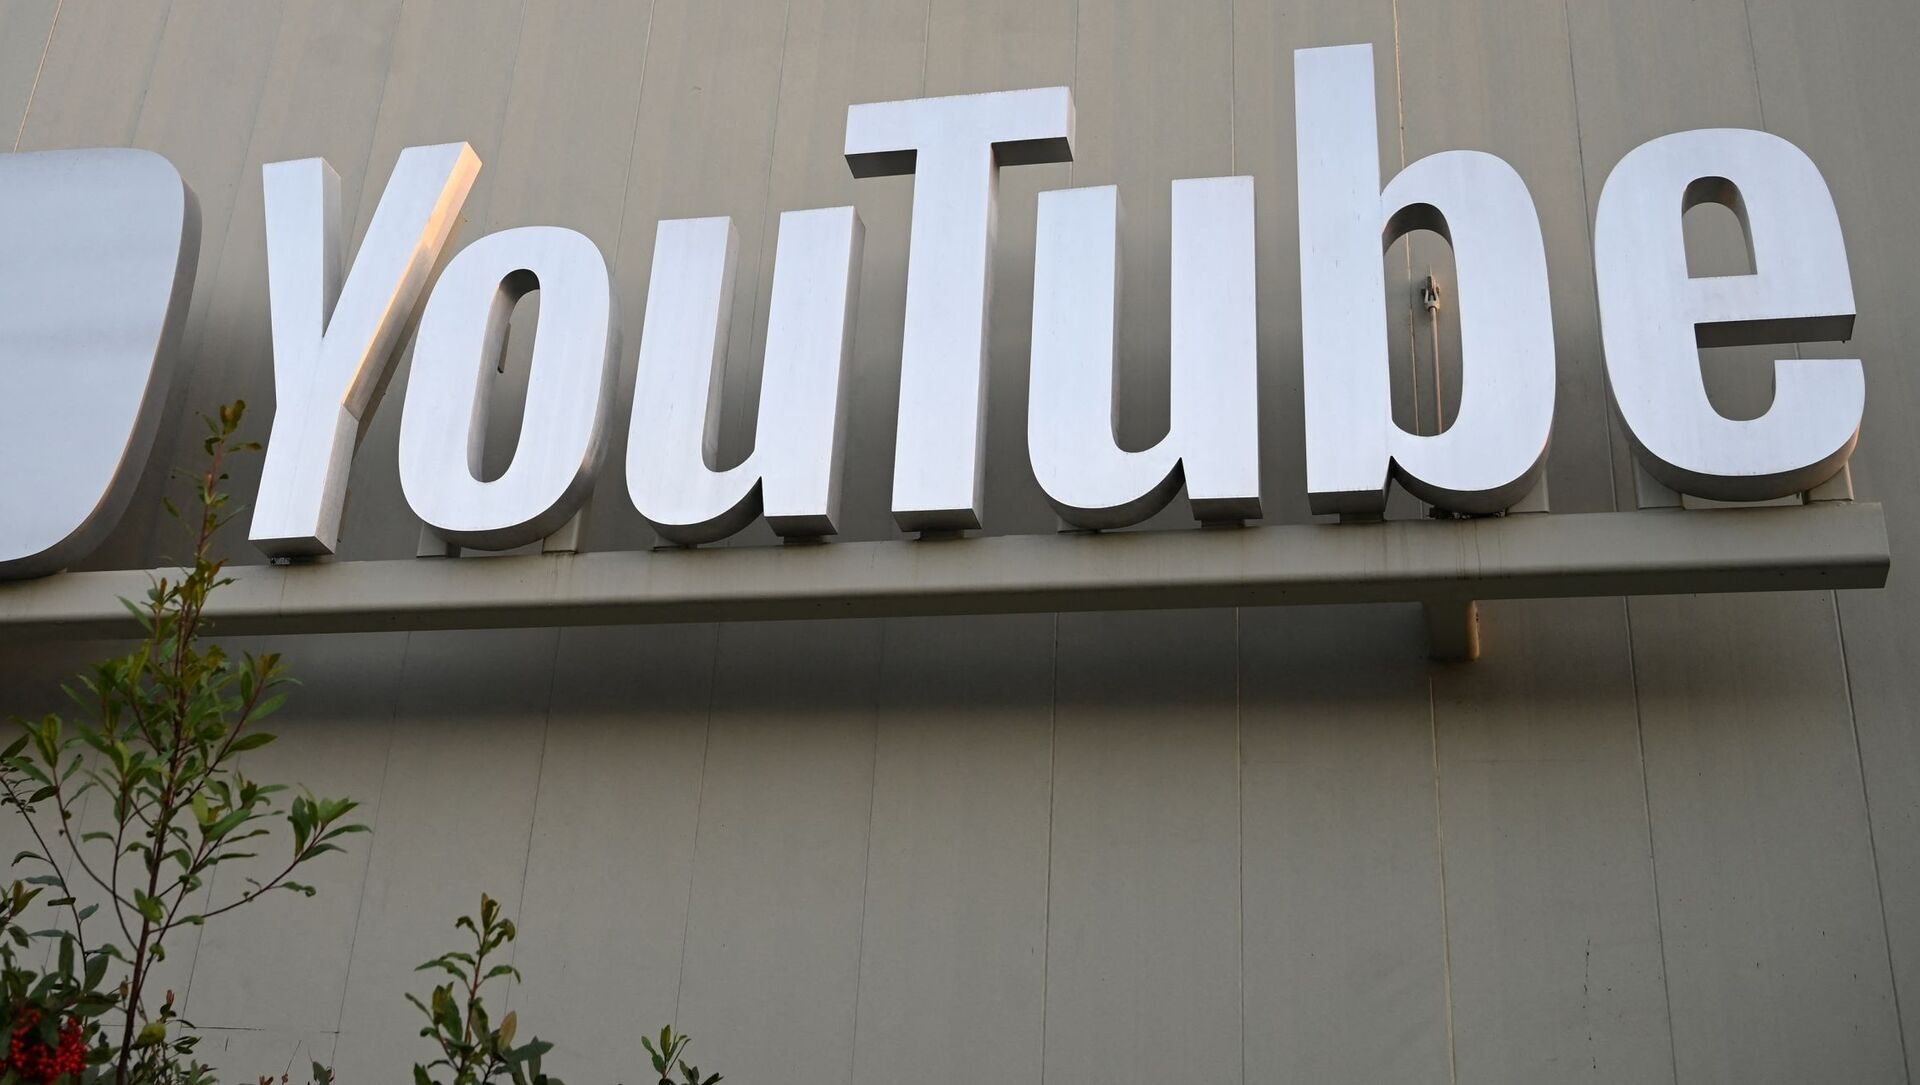 Офис YouTube в Лос-Анжелесе - Sputnik Азербайджан, 1920, 24.04.2021